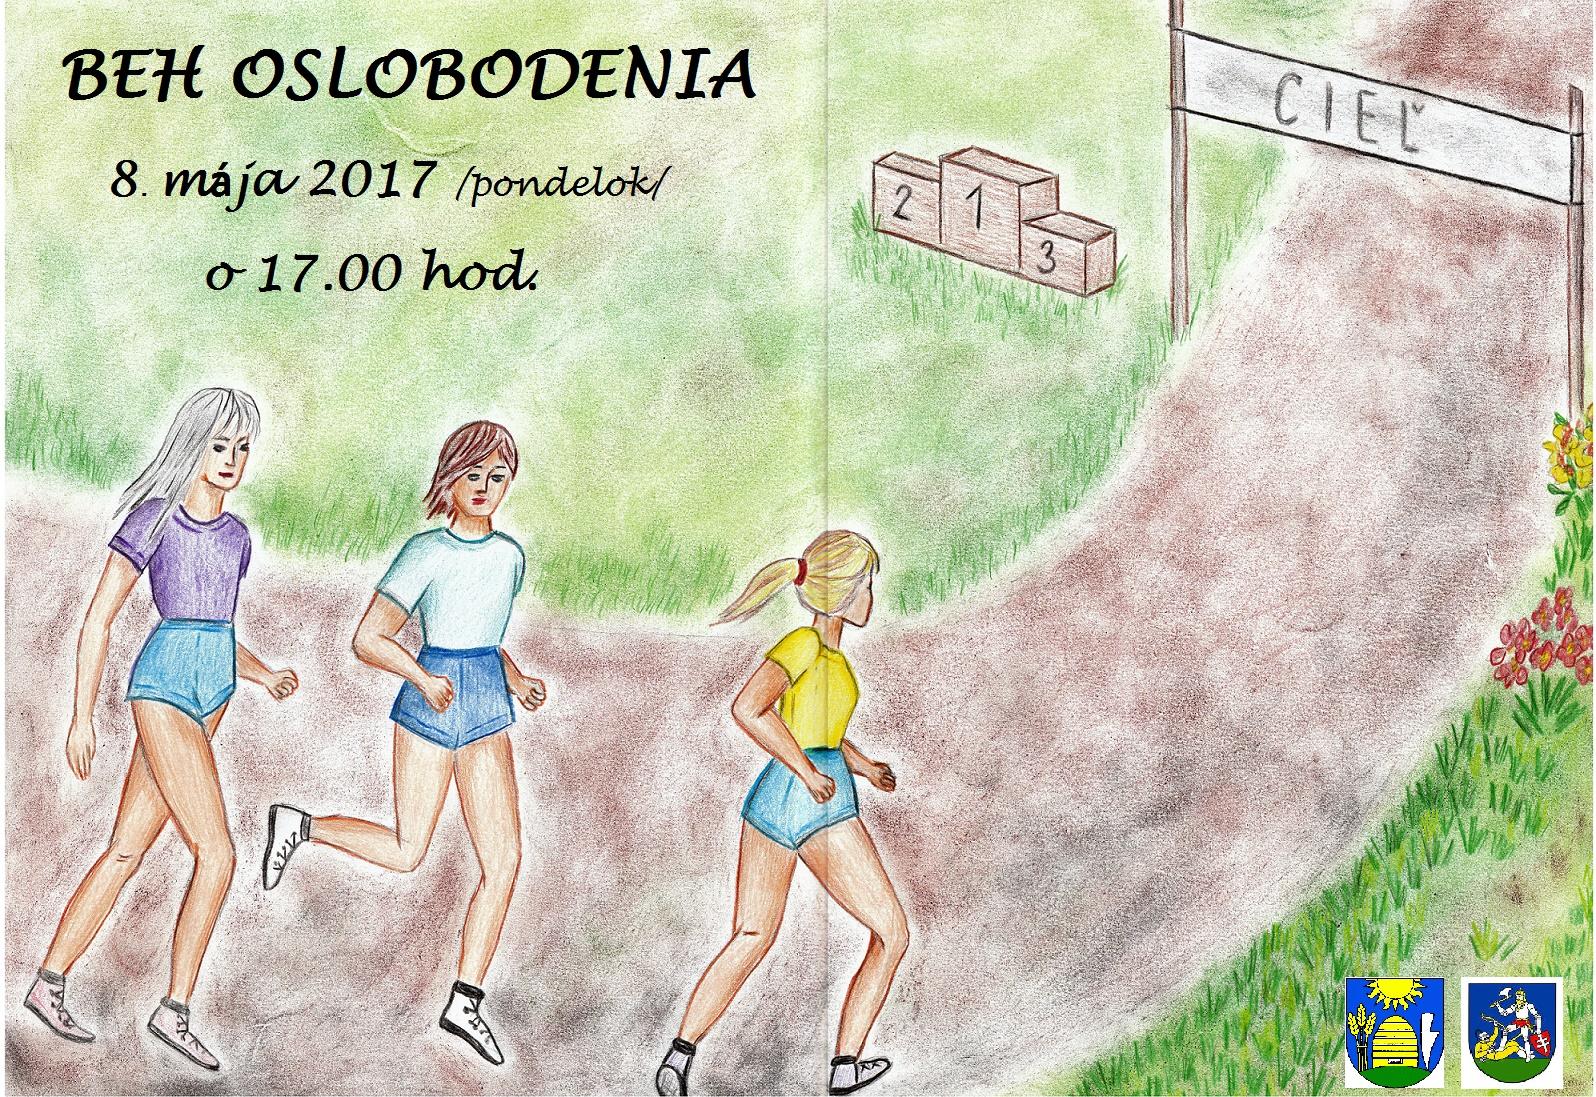 Beh_oslobodenia